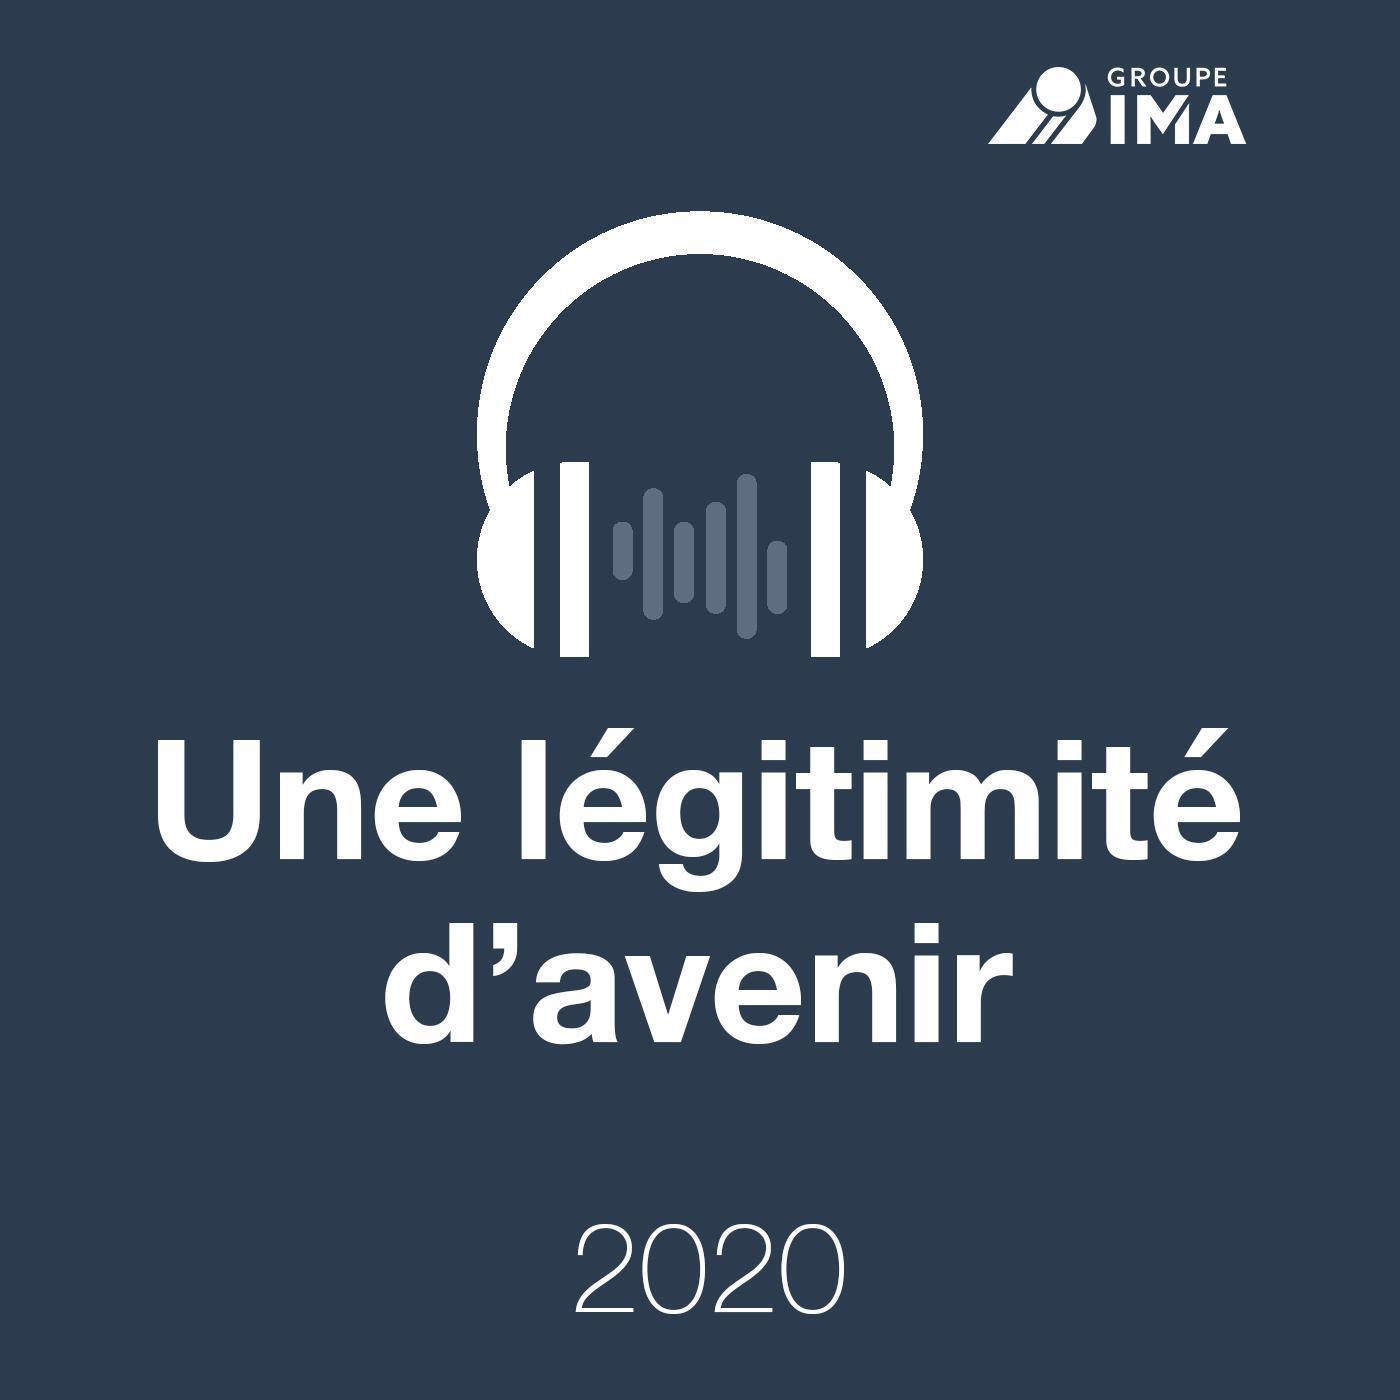 2020, une légitimité d'avenir